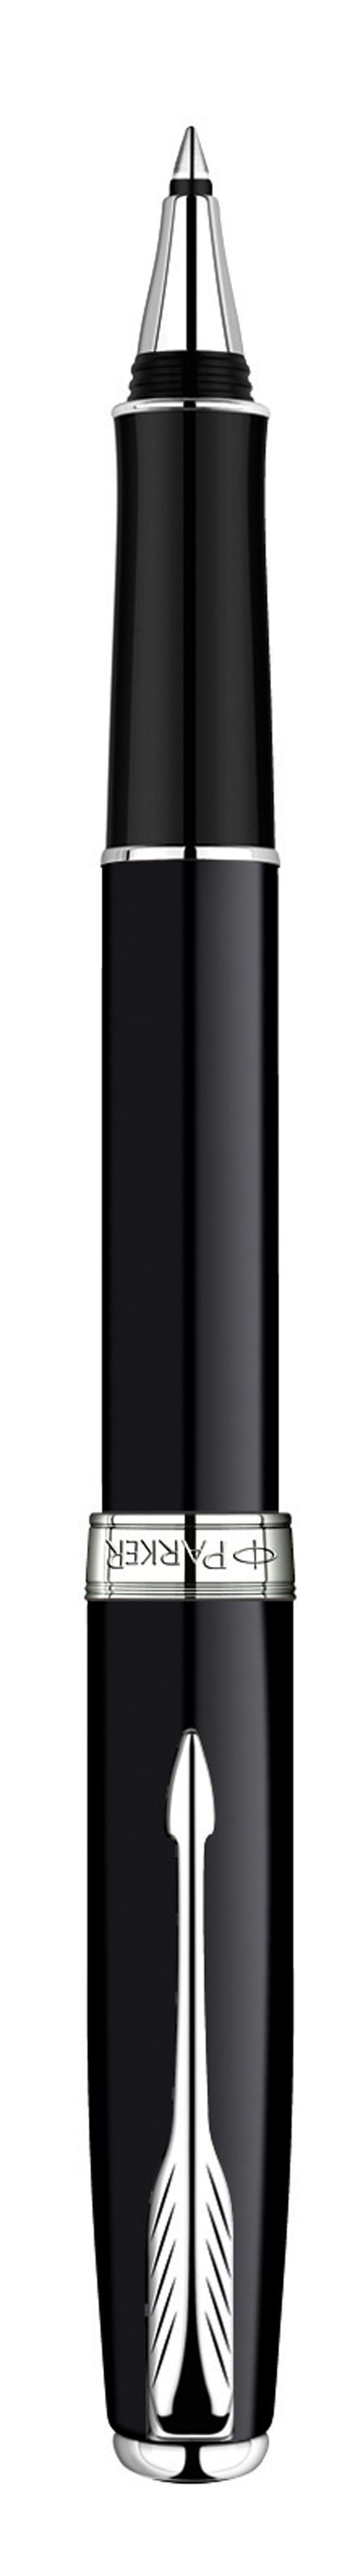 Роллер Sonnet Black Lacque CT. PARKER-S0808820PARKER-S0808820Ручка-роллер Паркер Сонет Блэк Лак Си Ти. Инструмент для письма, линия письма - тонкая, цвет чернил черный, в подарочной упаковке. Произведено во Франции.